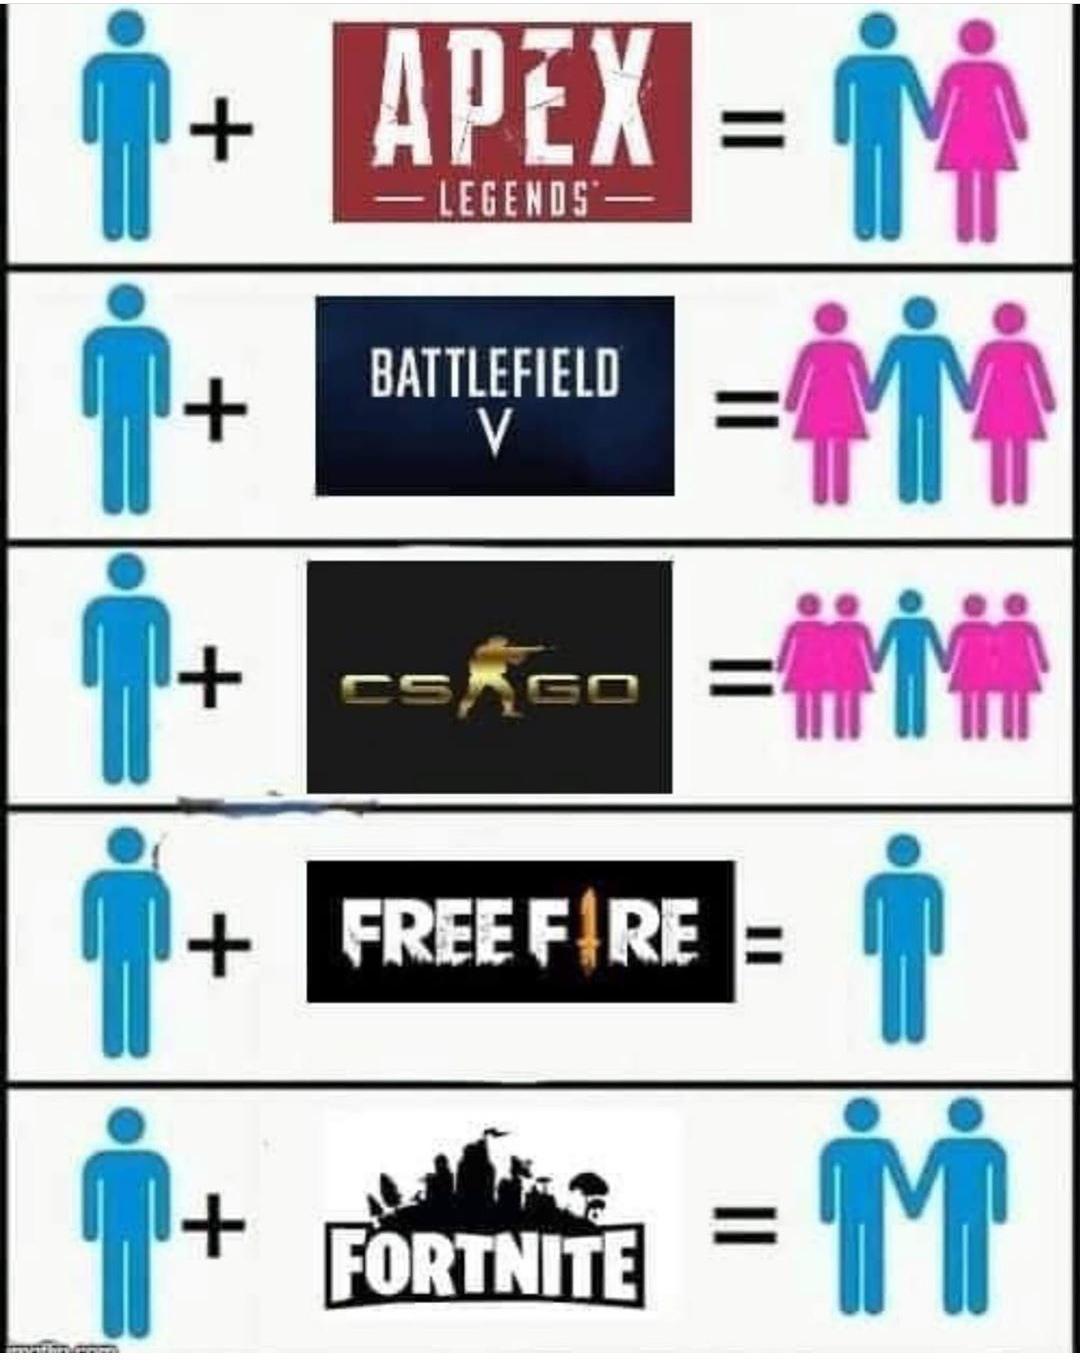 f por freefire - meme